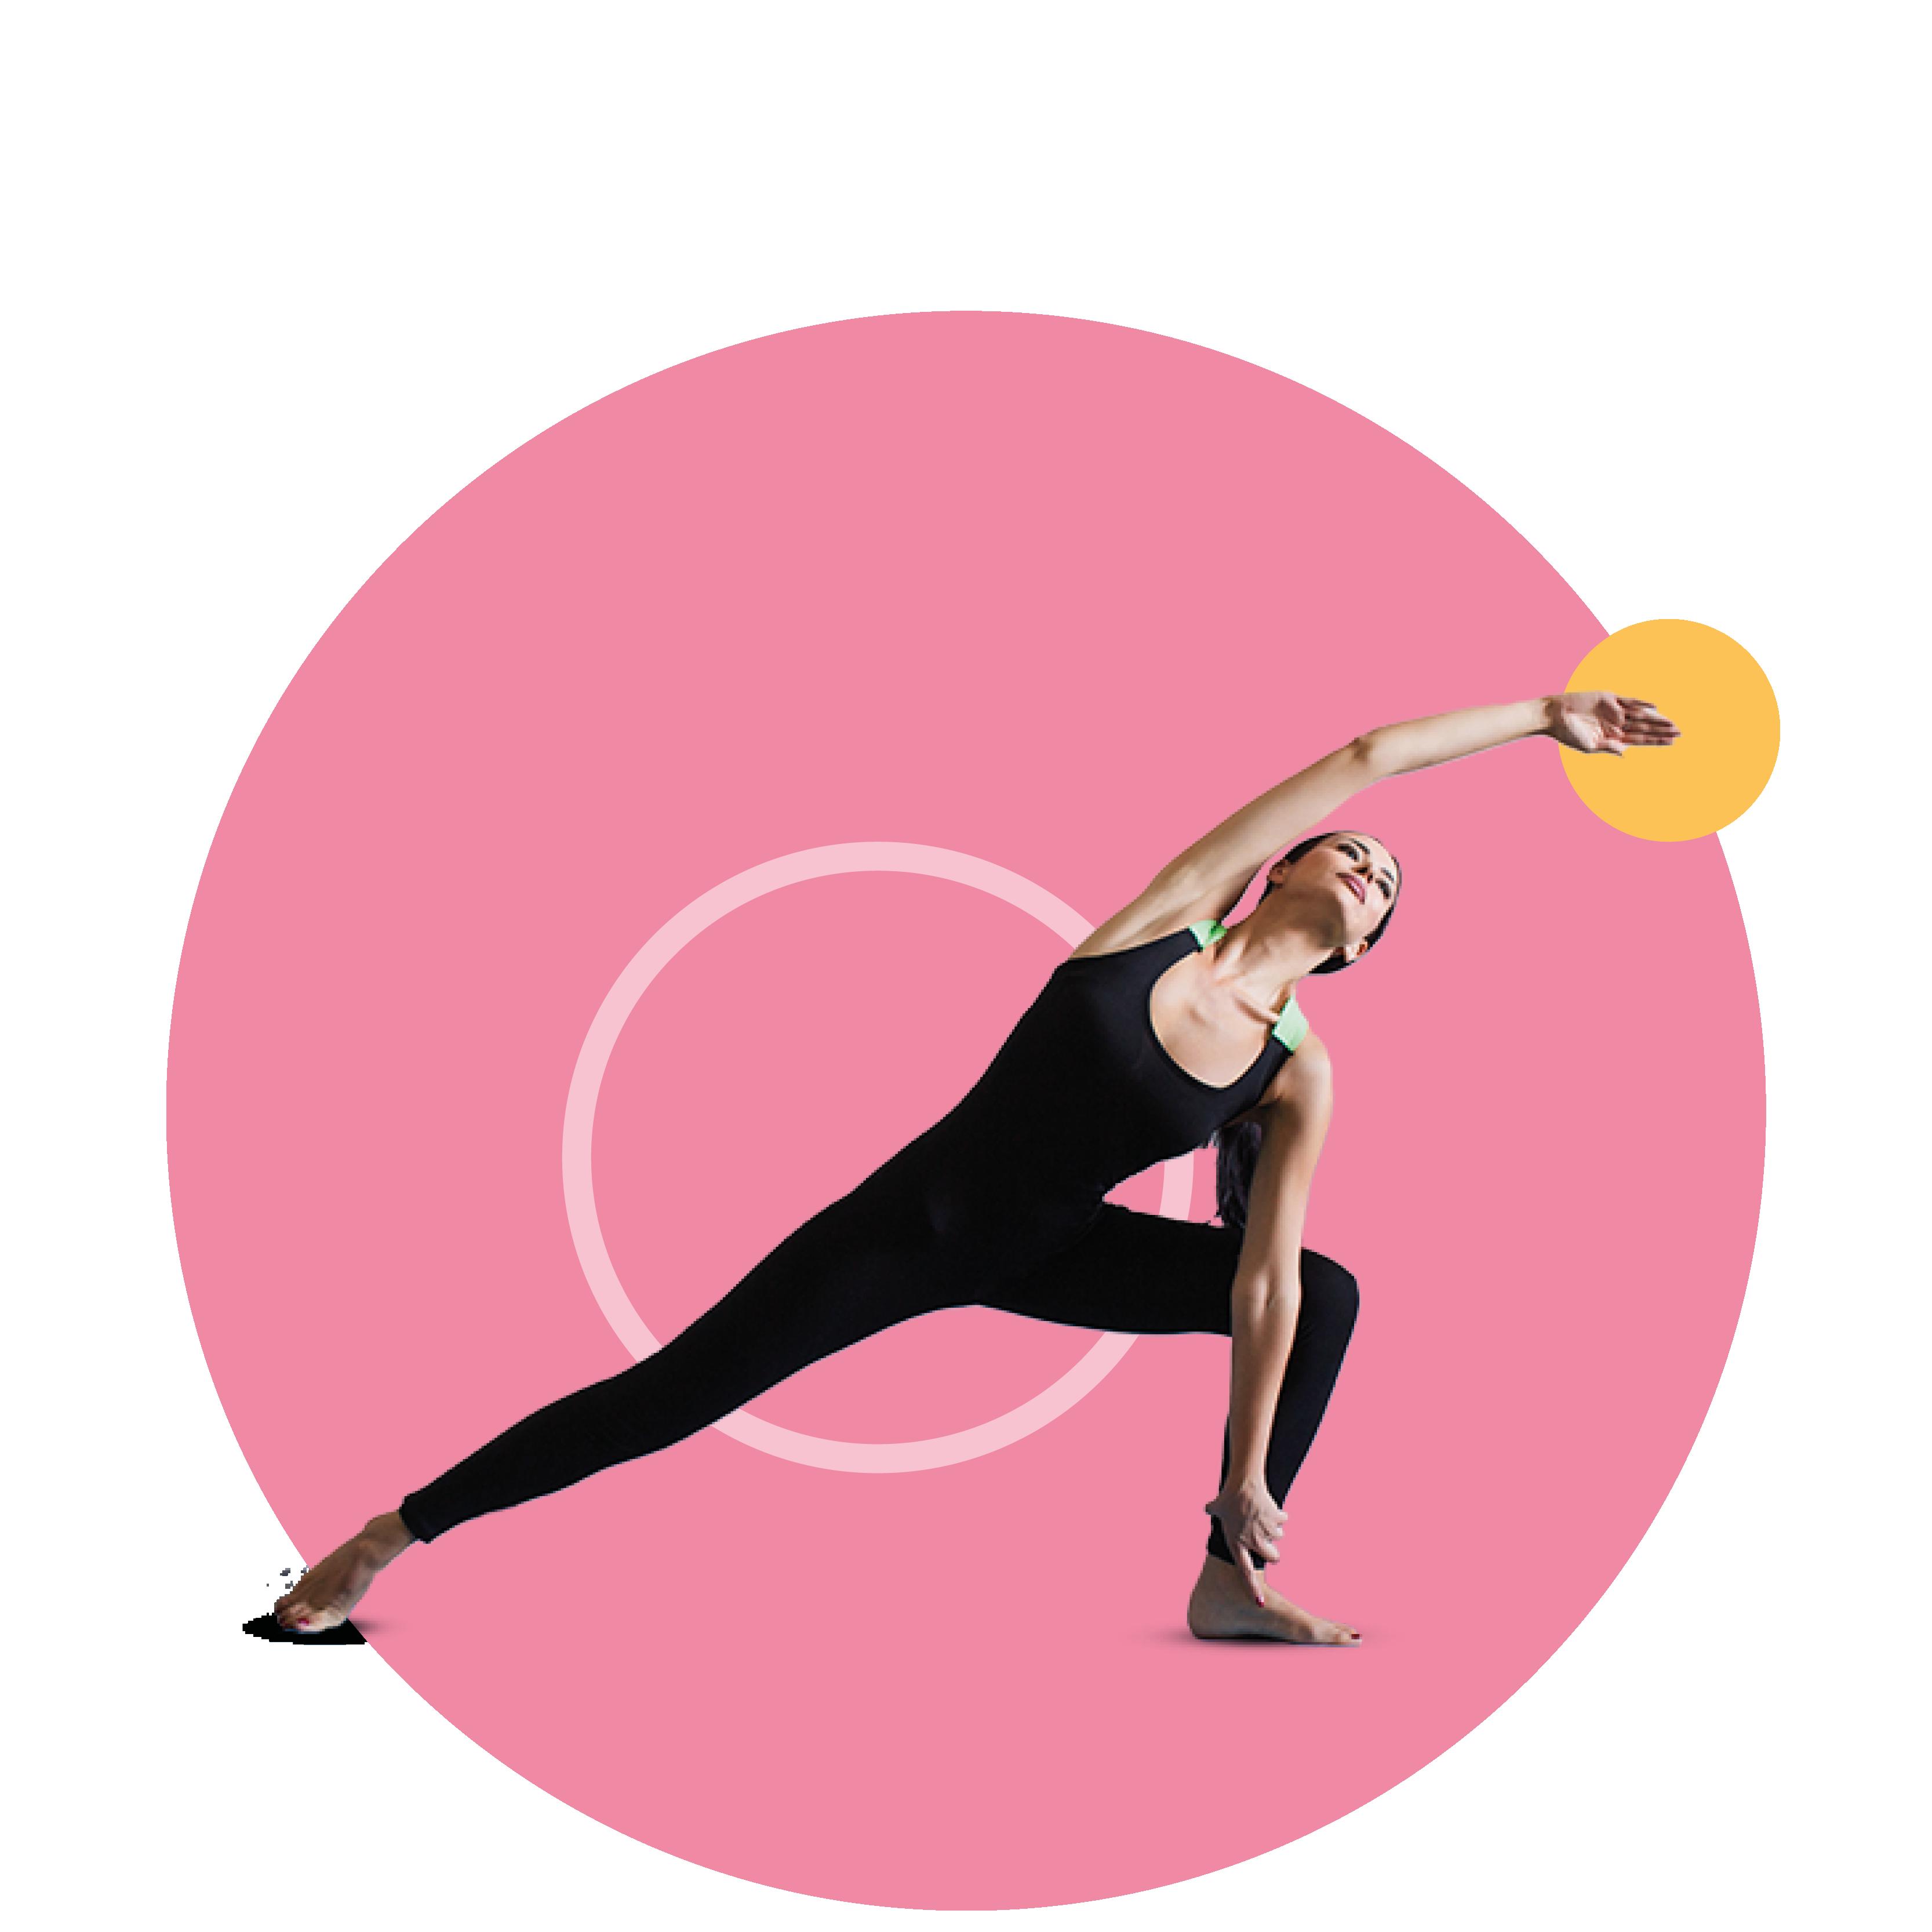 Jonge vrouw in sportkleding die een yoga positie aanneemt